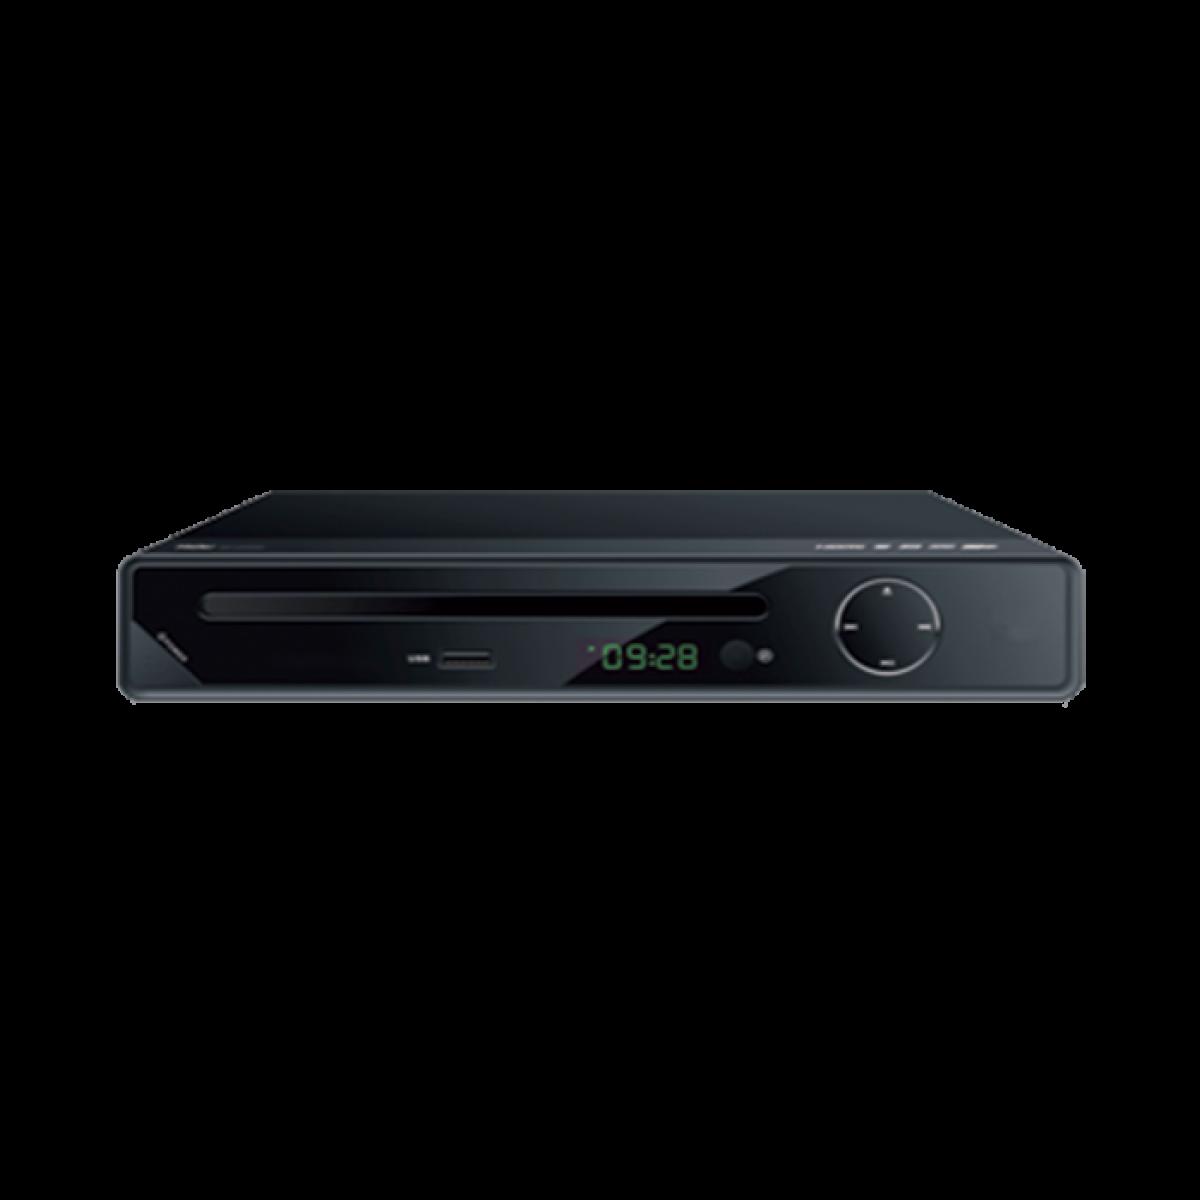 Haier - Lecteur DVD HDV-202HDMI prix tunisie